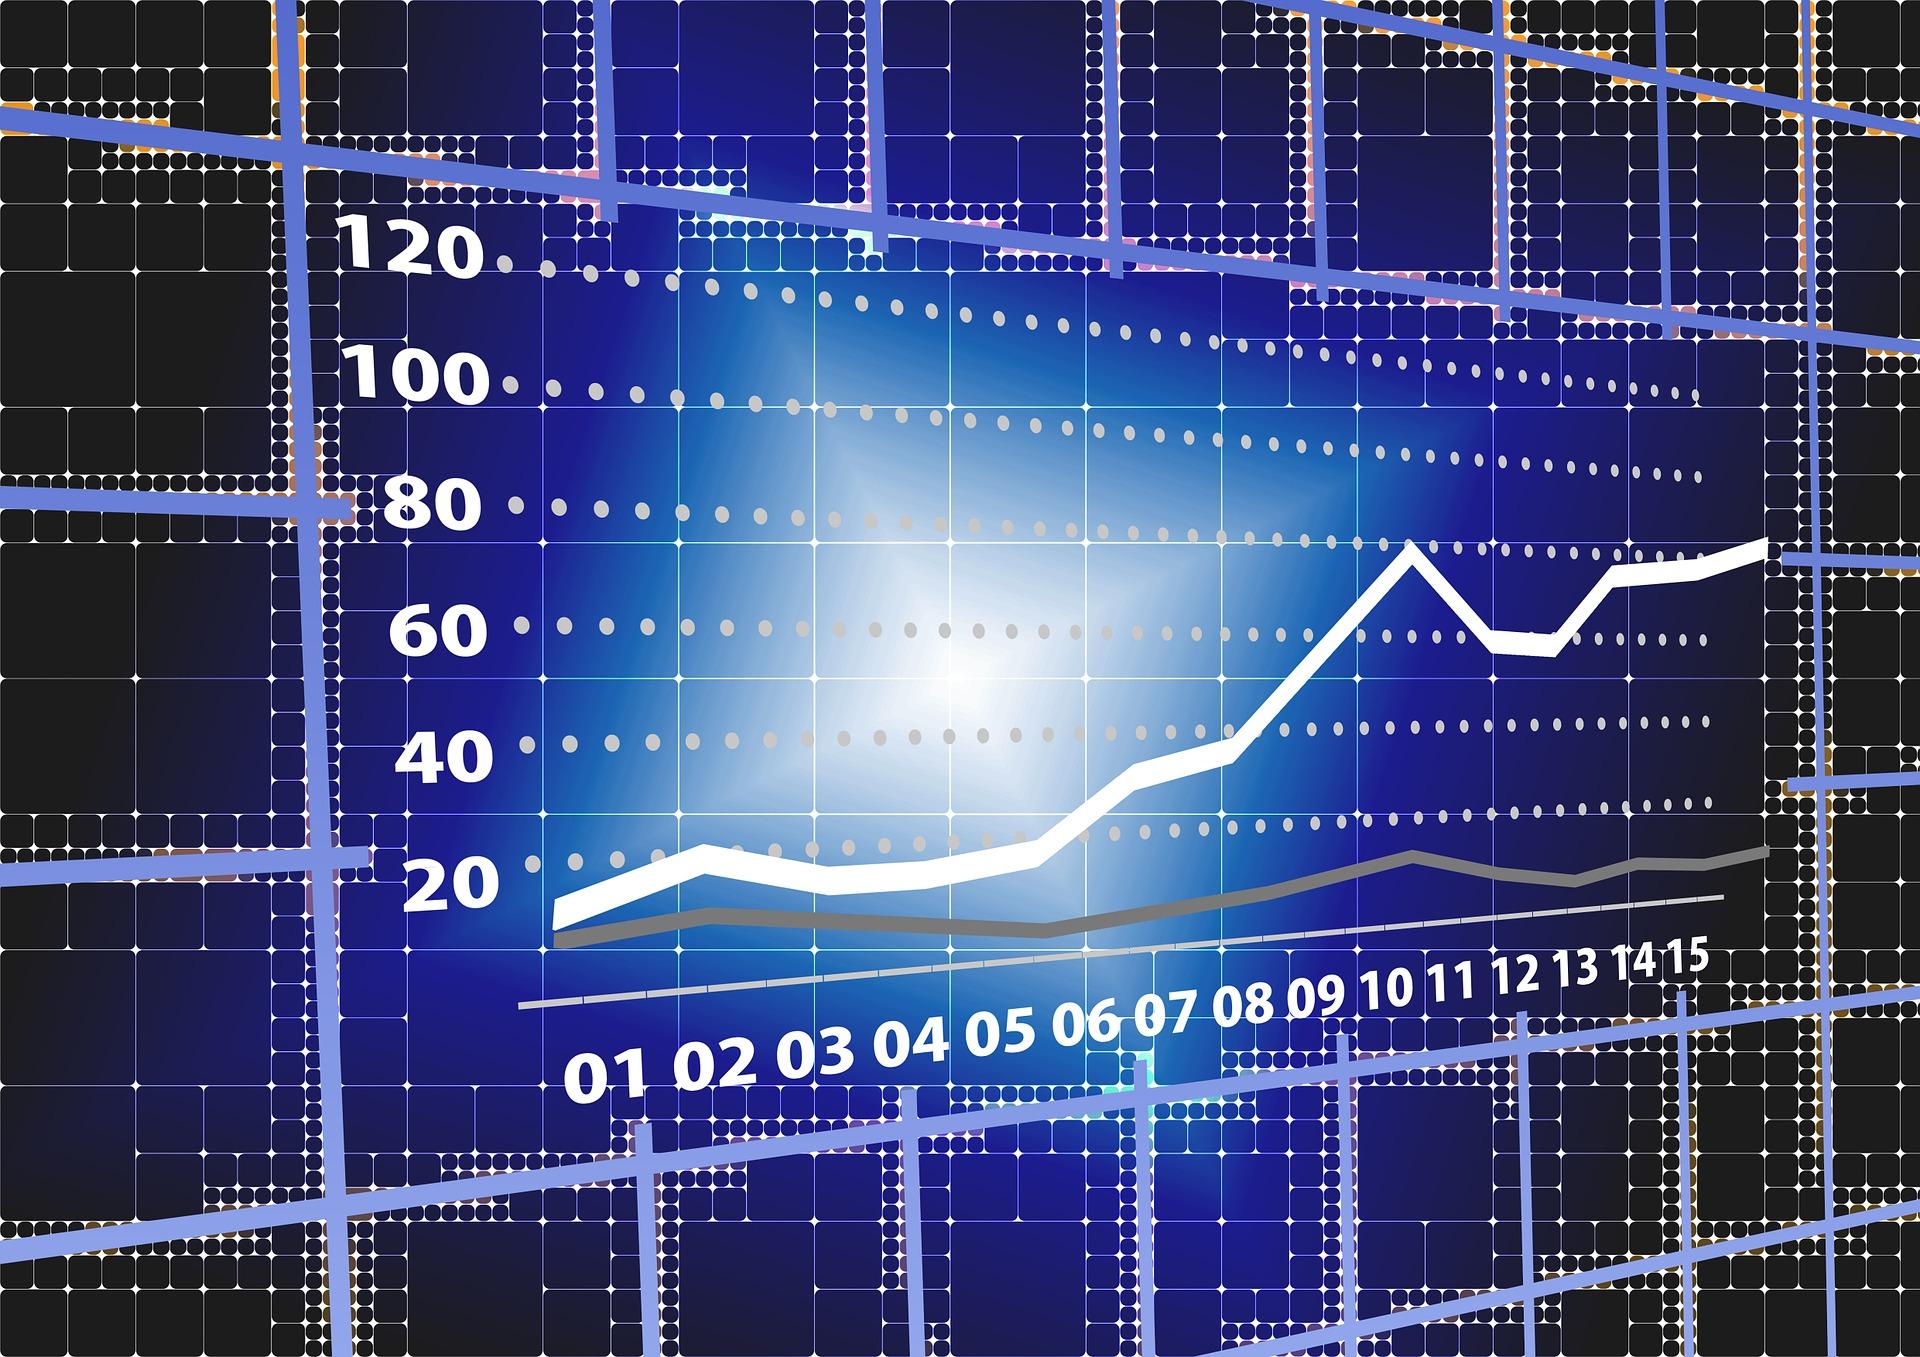 La criptomoneda Uniswap baja más de un 3% en 24 horas